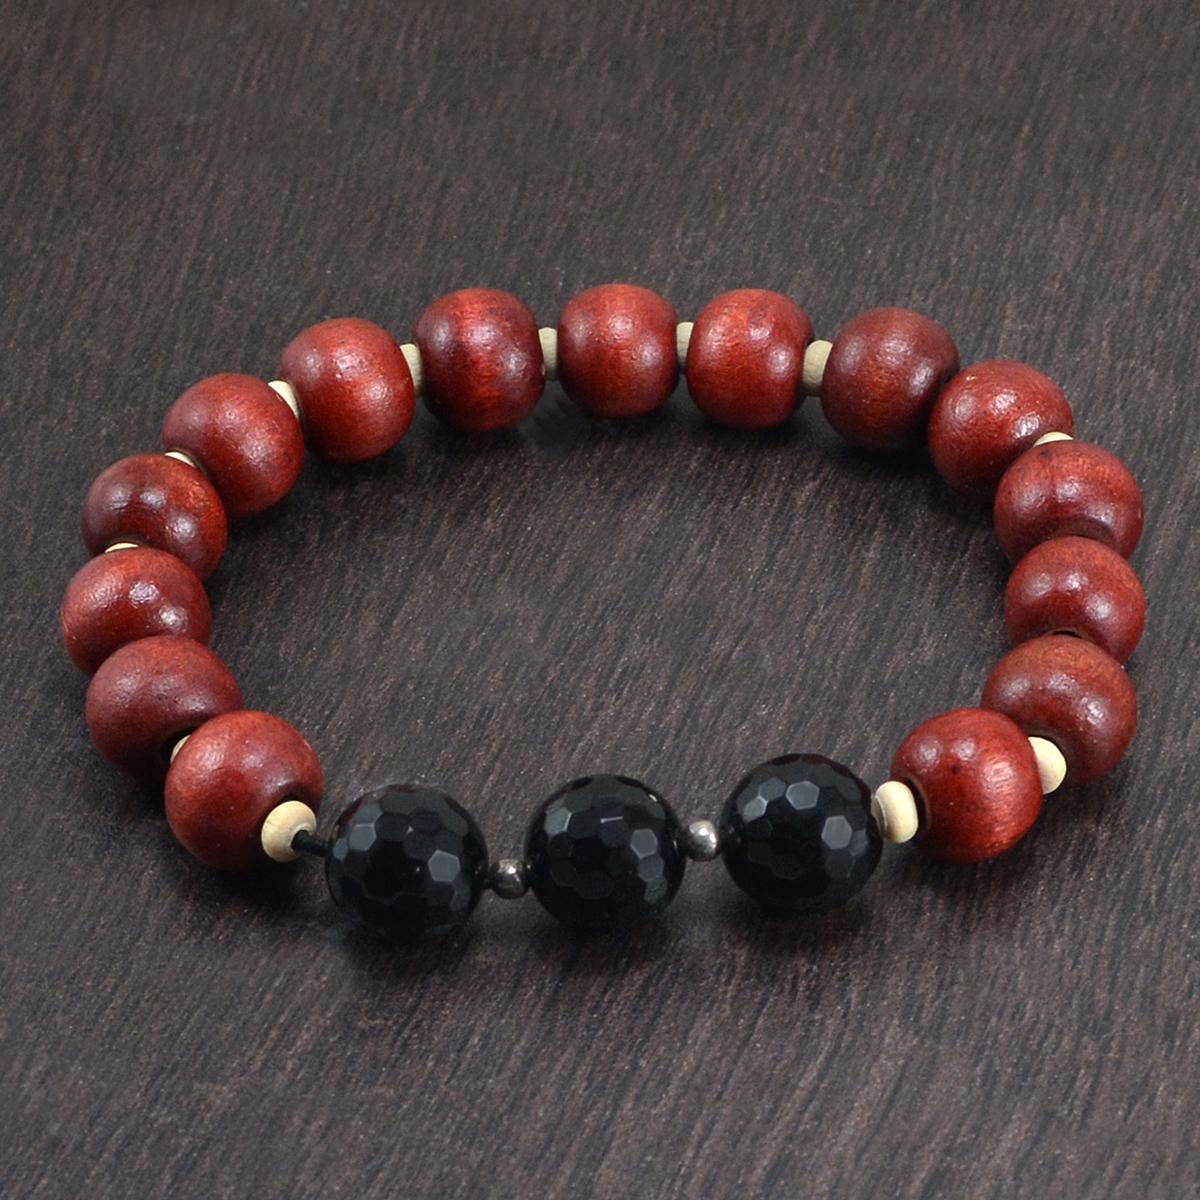 Smoky Quartz Gemstone Bracelet PG-156422